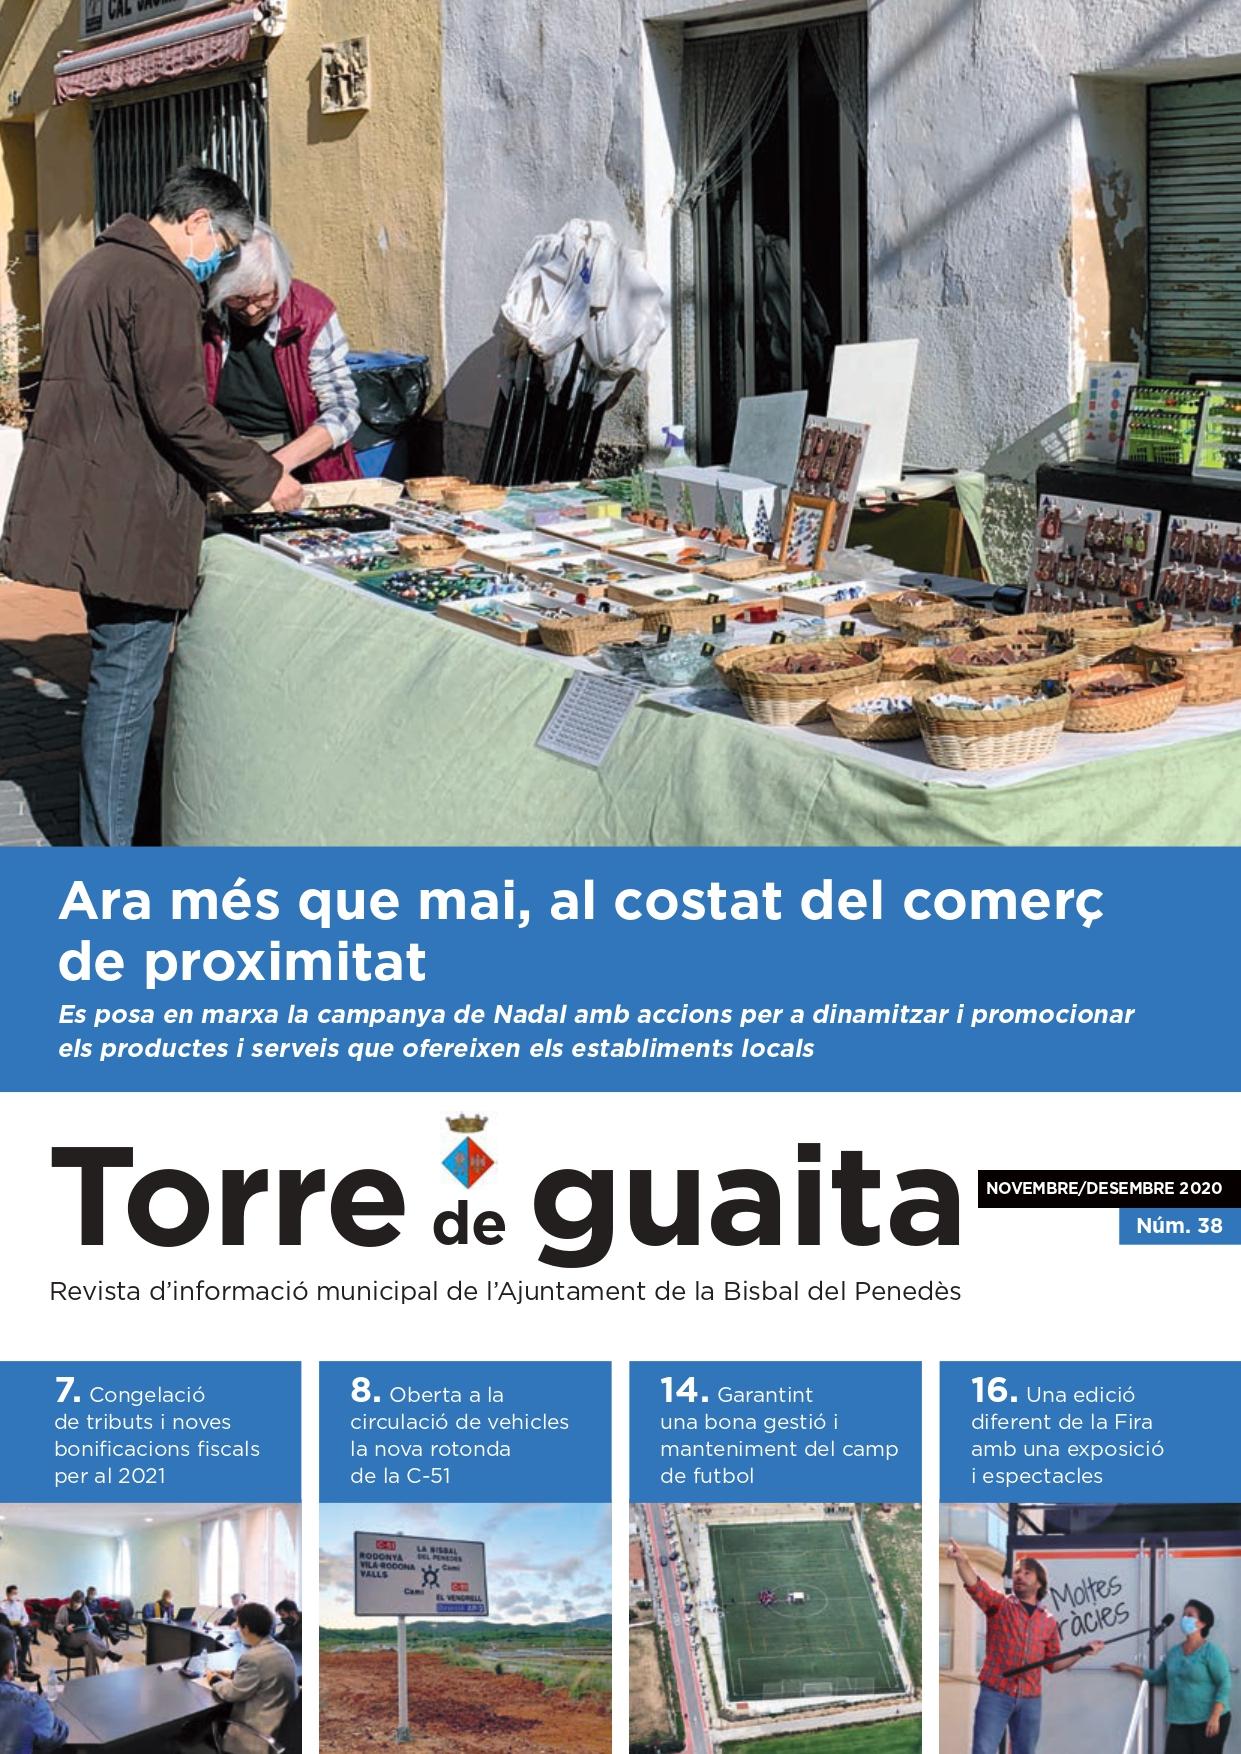 S'ha començat a repartir la revista bimestral 'Torre de Guaita' per totes les cases